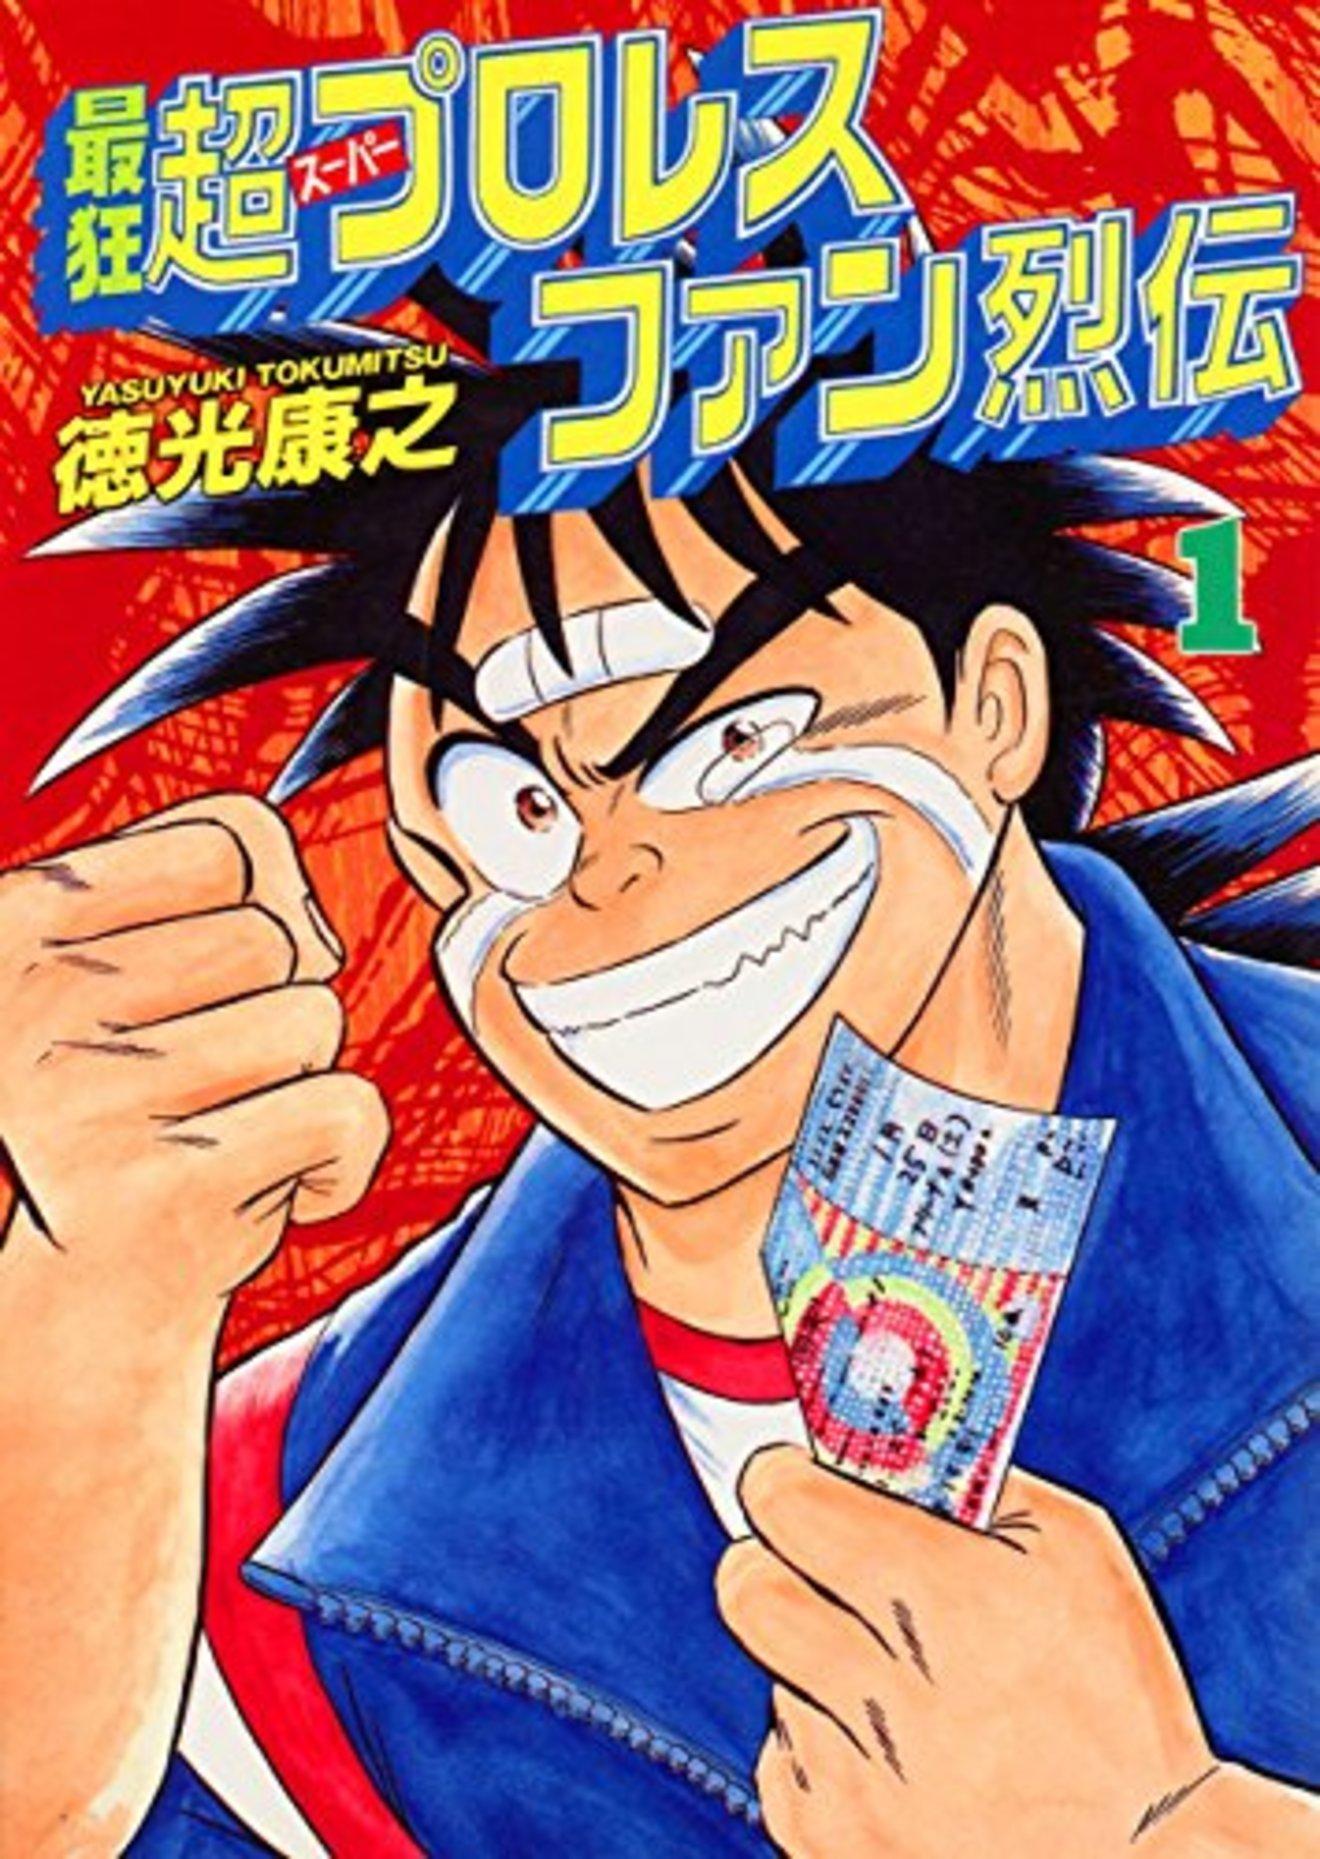 『最狂超プロレスファン烈伝』が限定連載!プロレスファンのバイブル的名作